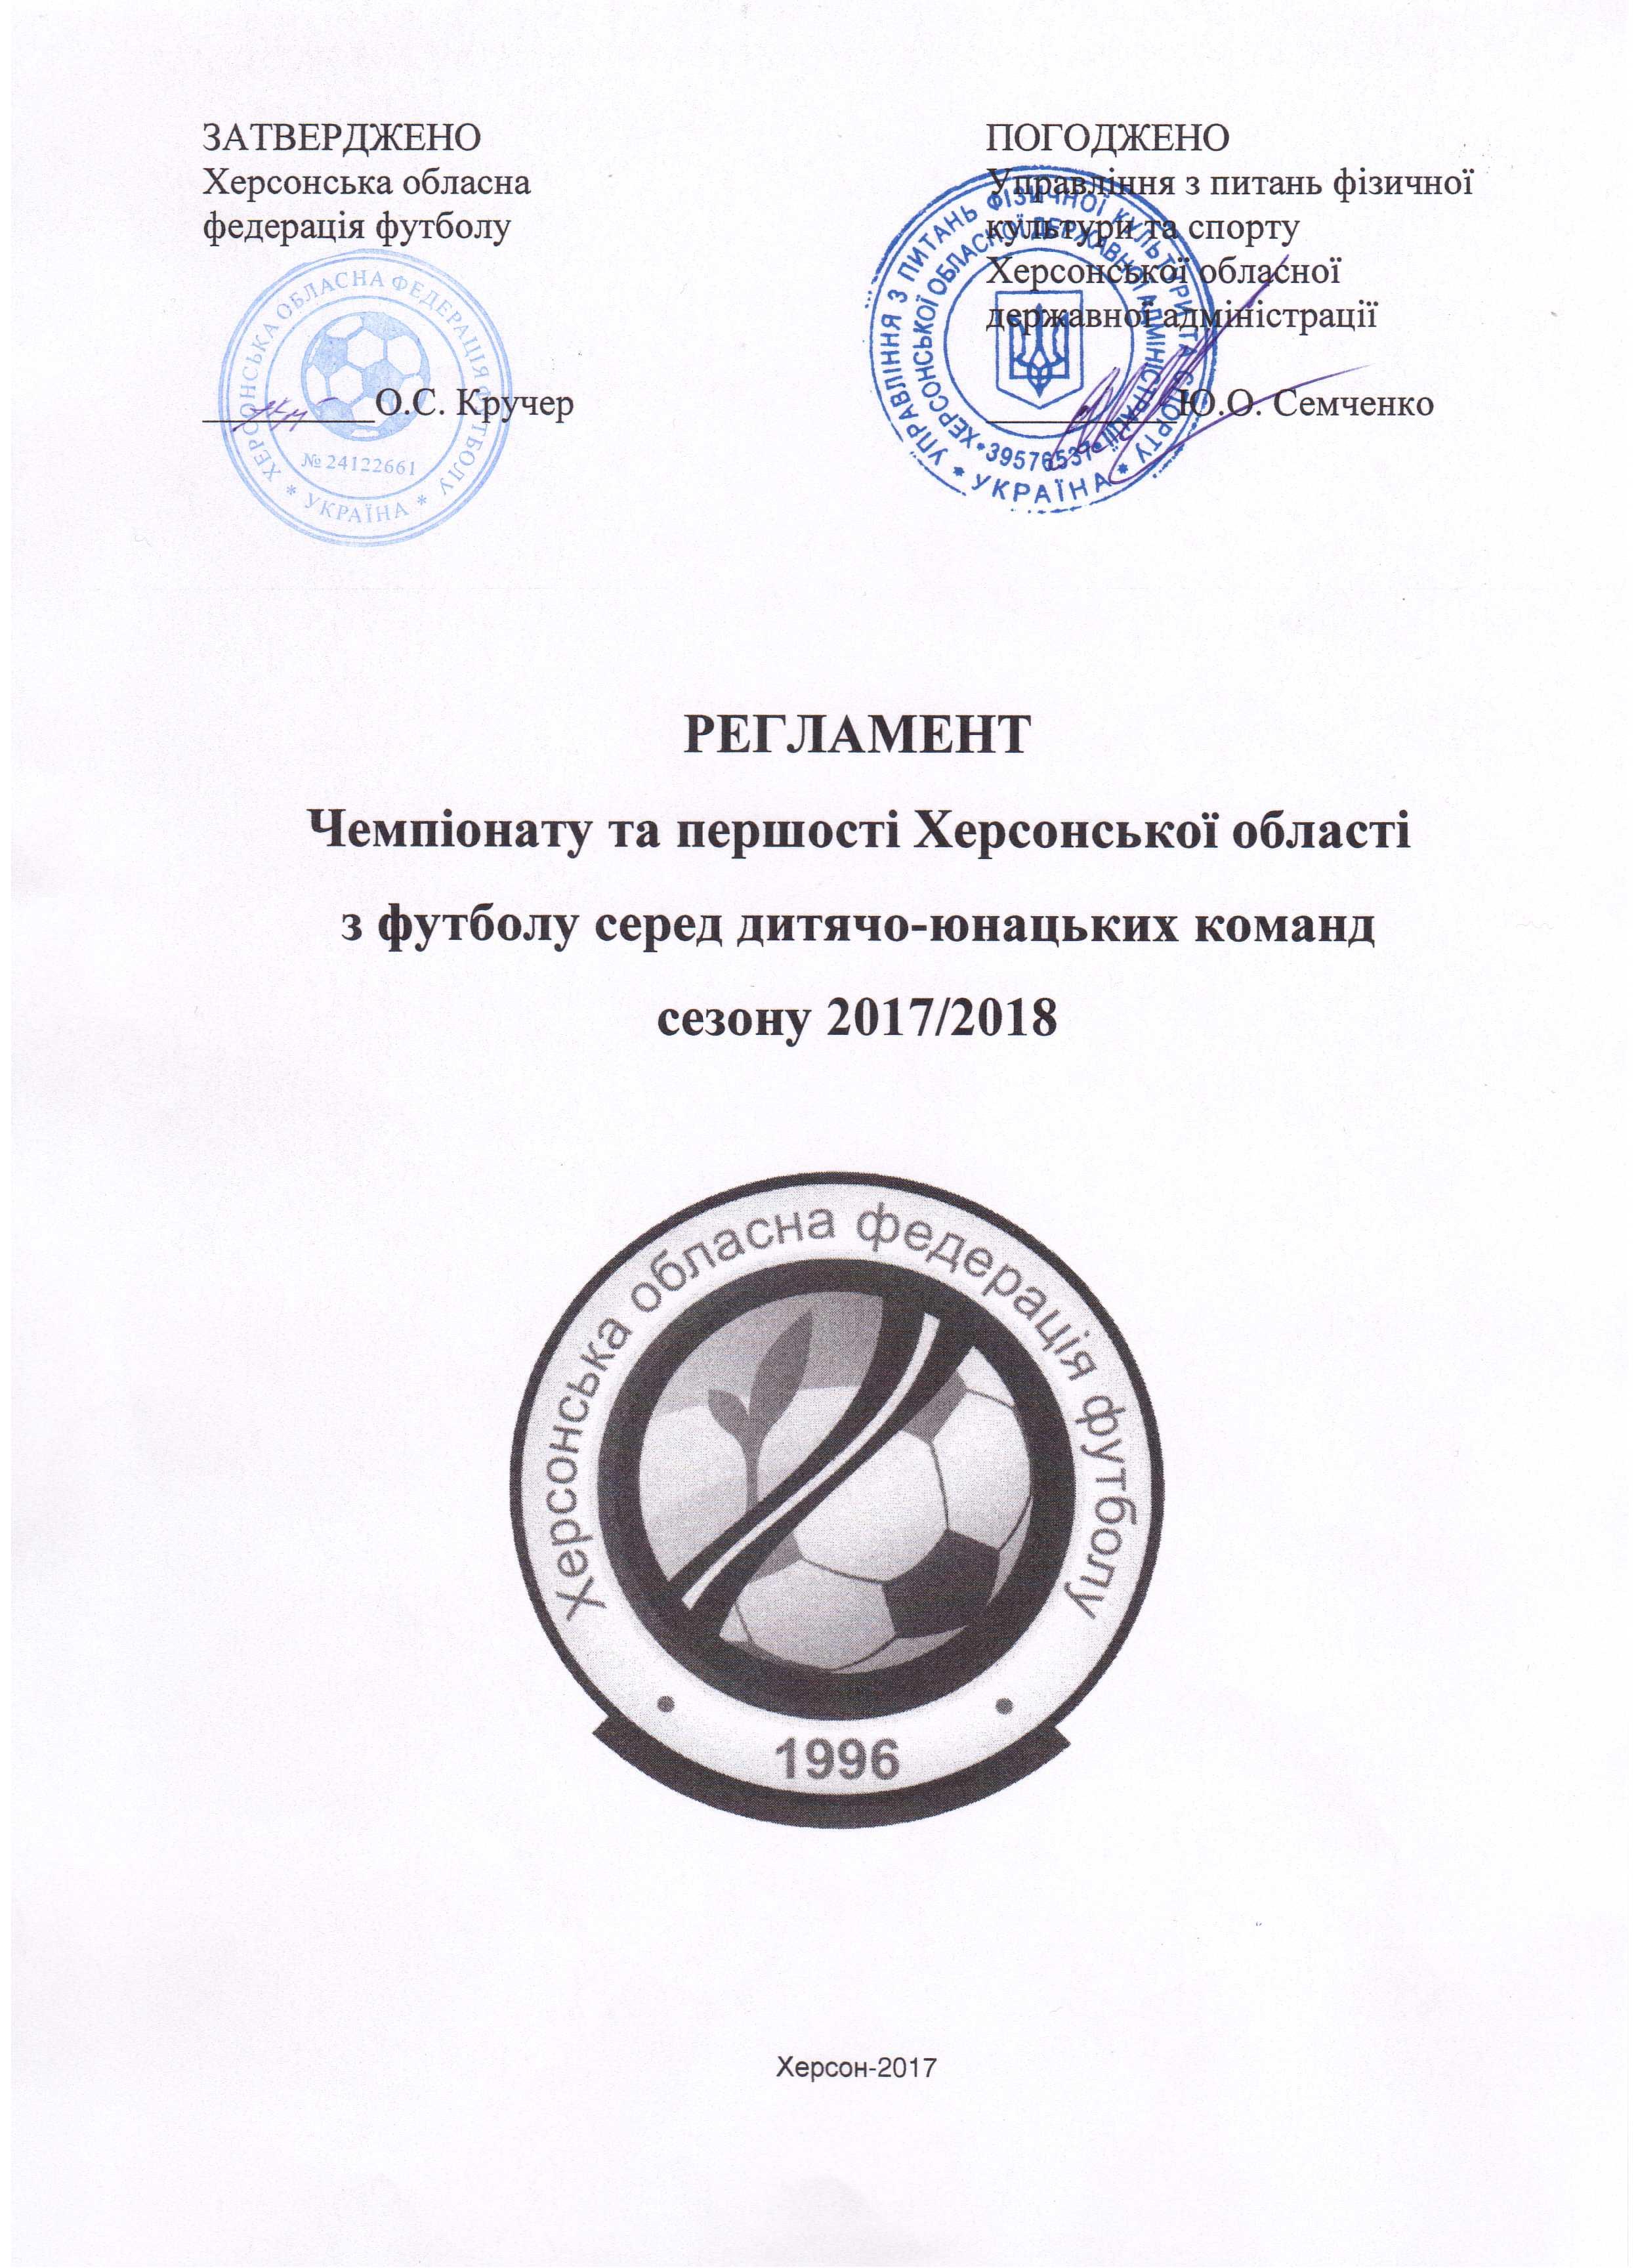 Затверджено Регламент чемпіонату та першості Херсонської області серед юнацьких команд